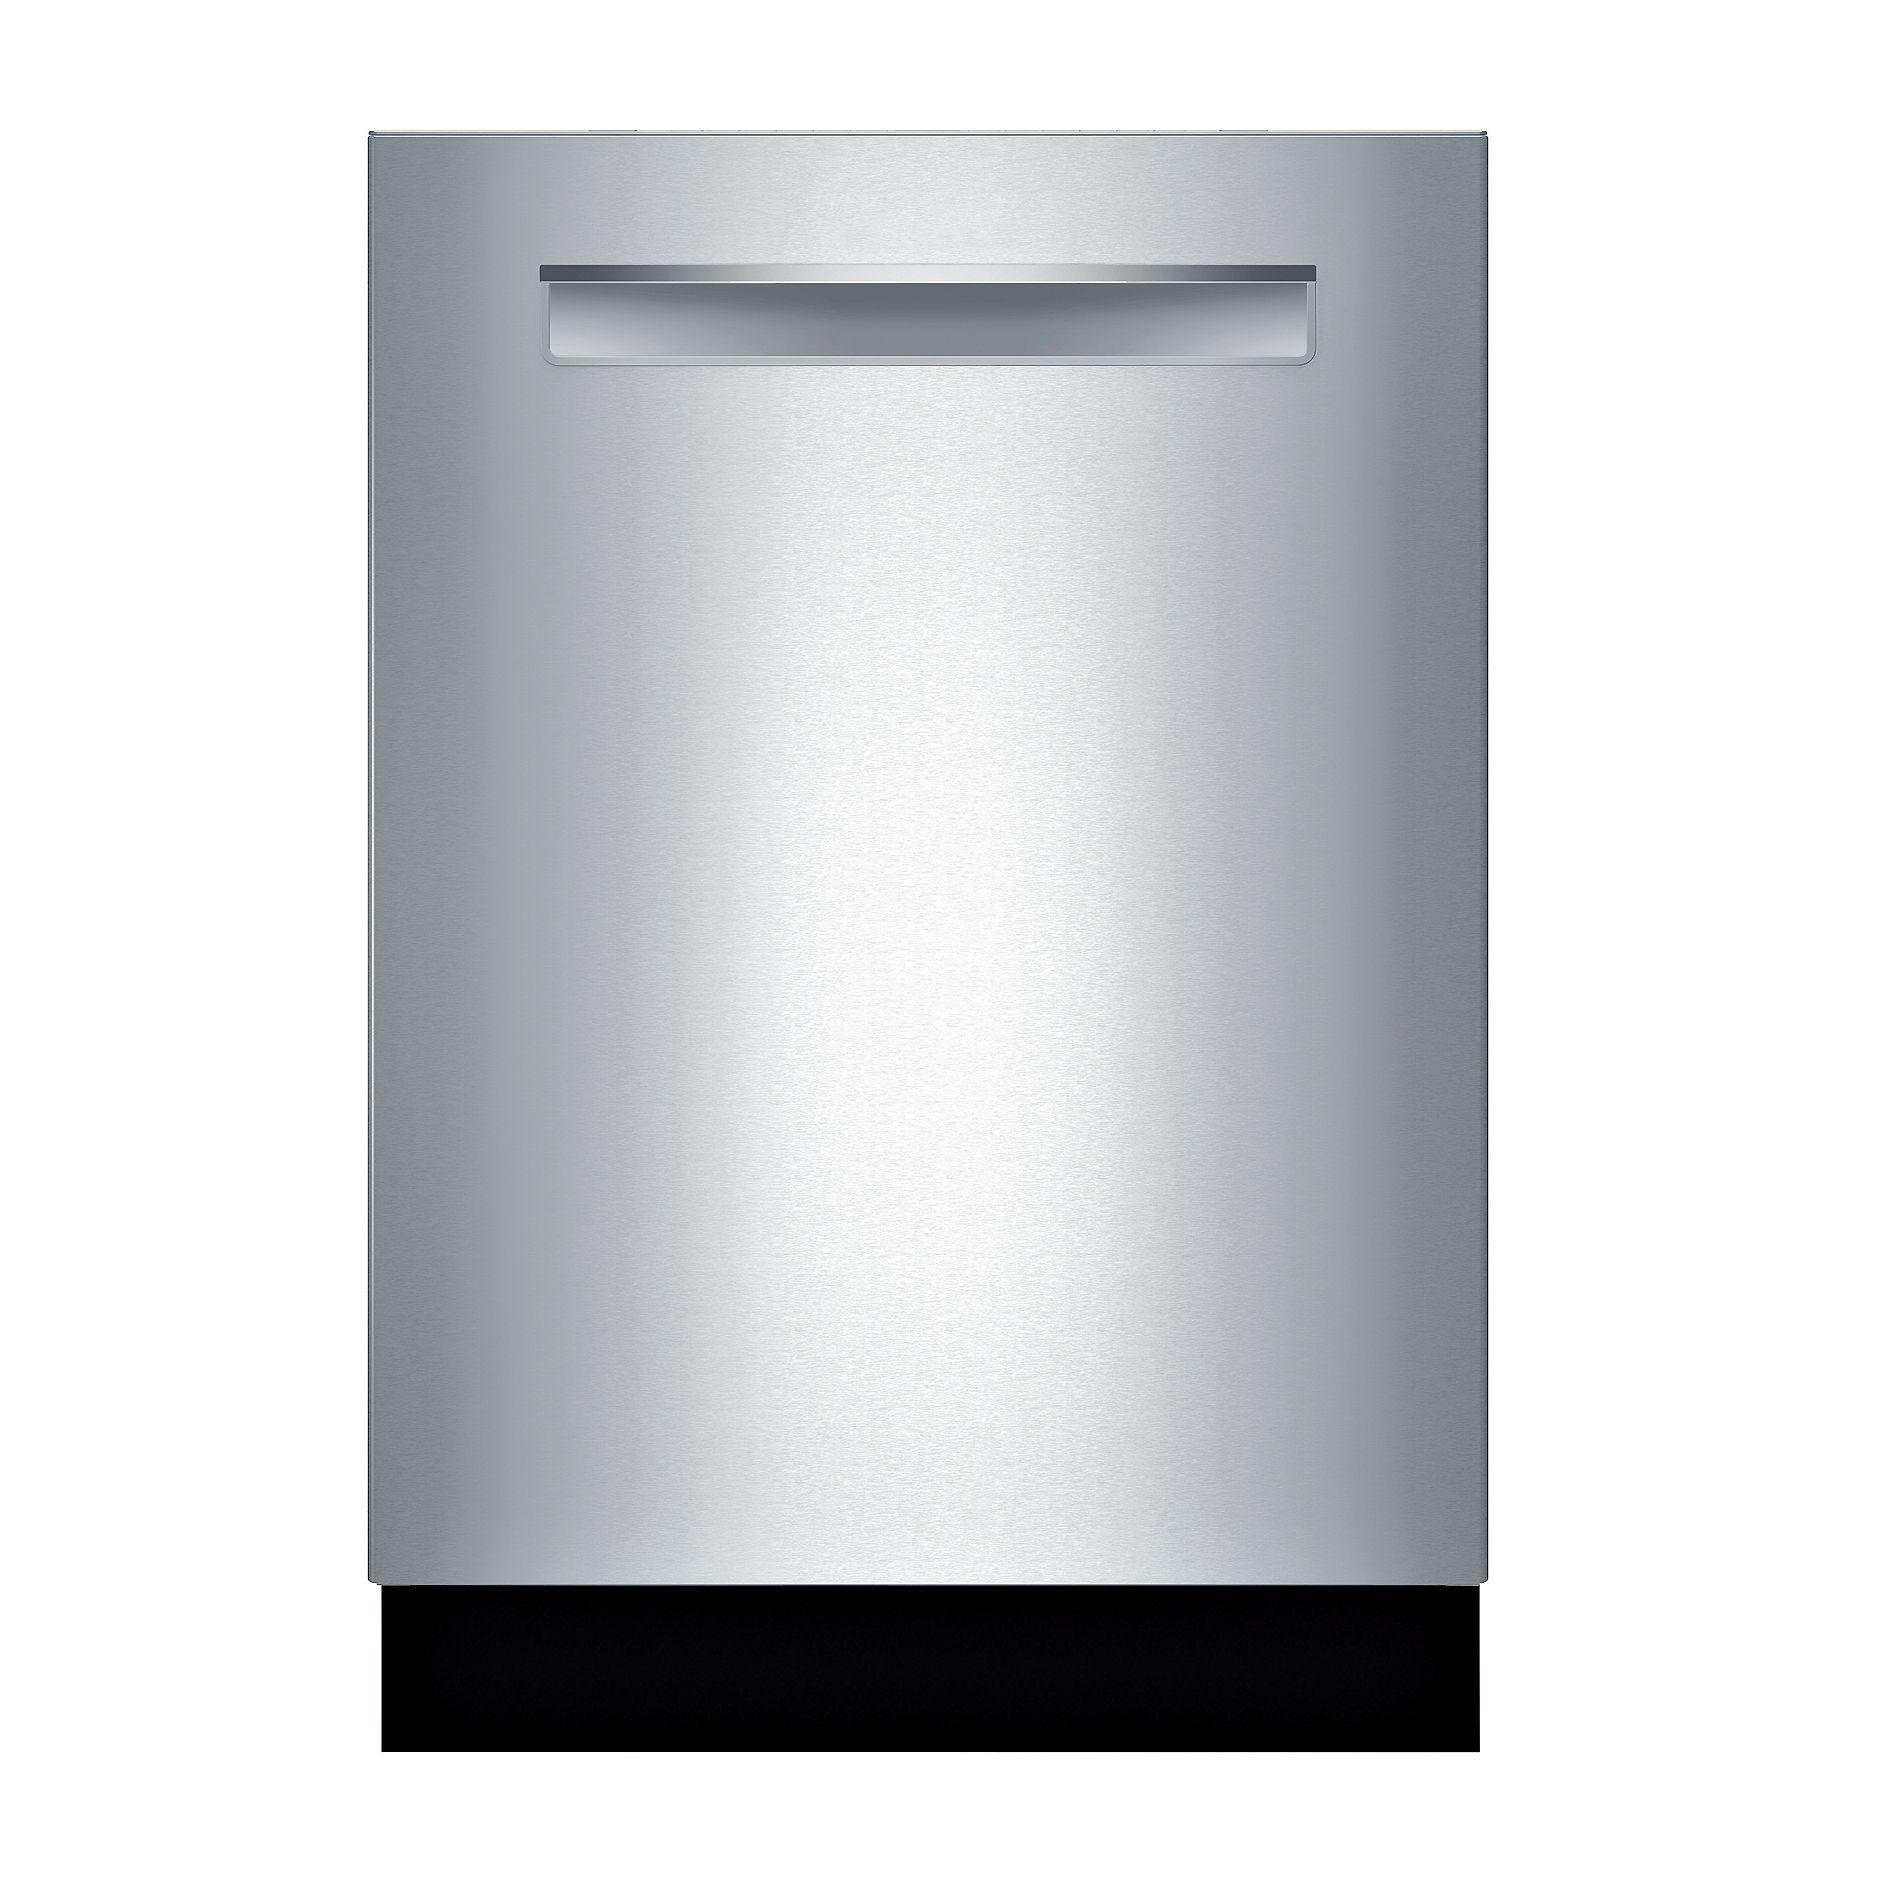 Bosch SHPM98W75N Dishwasher Organize Dishes Your Way